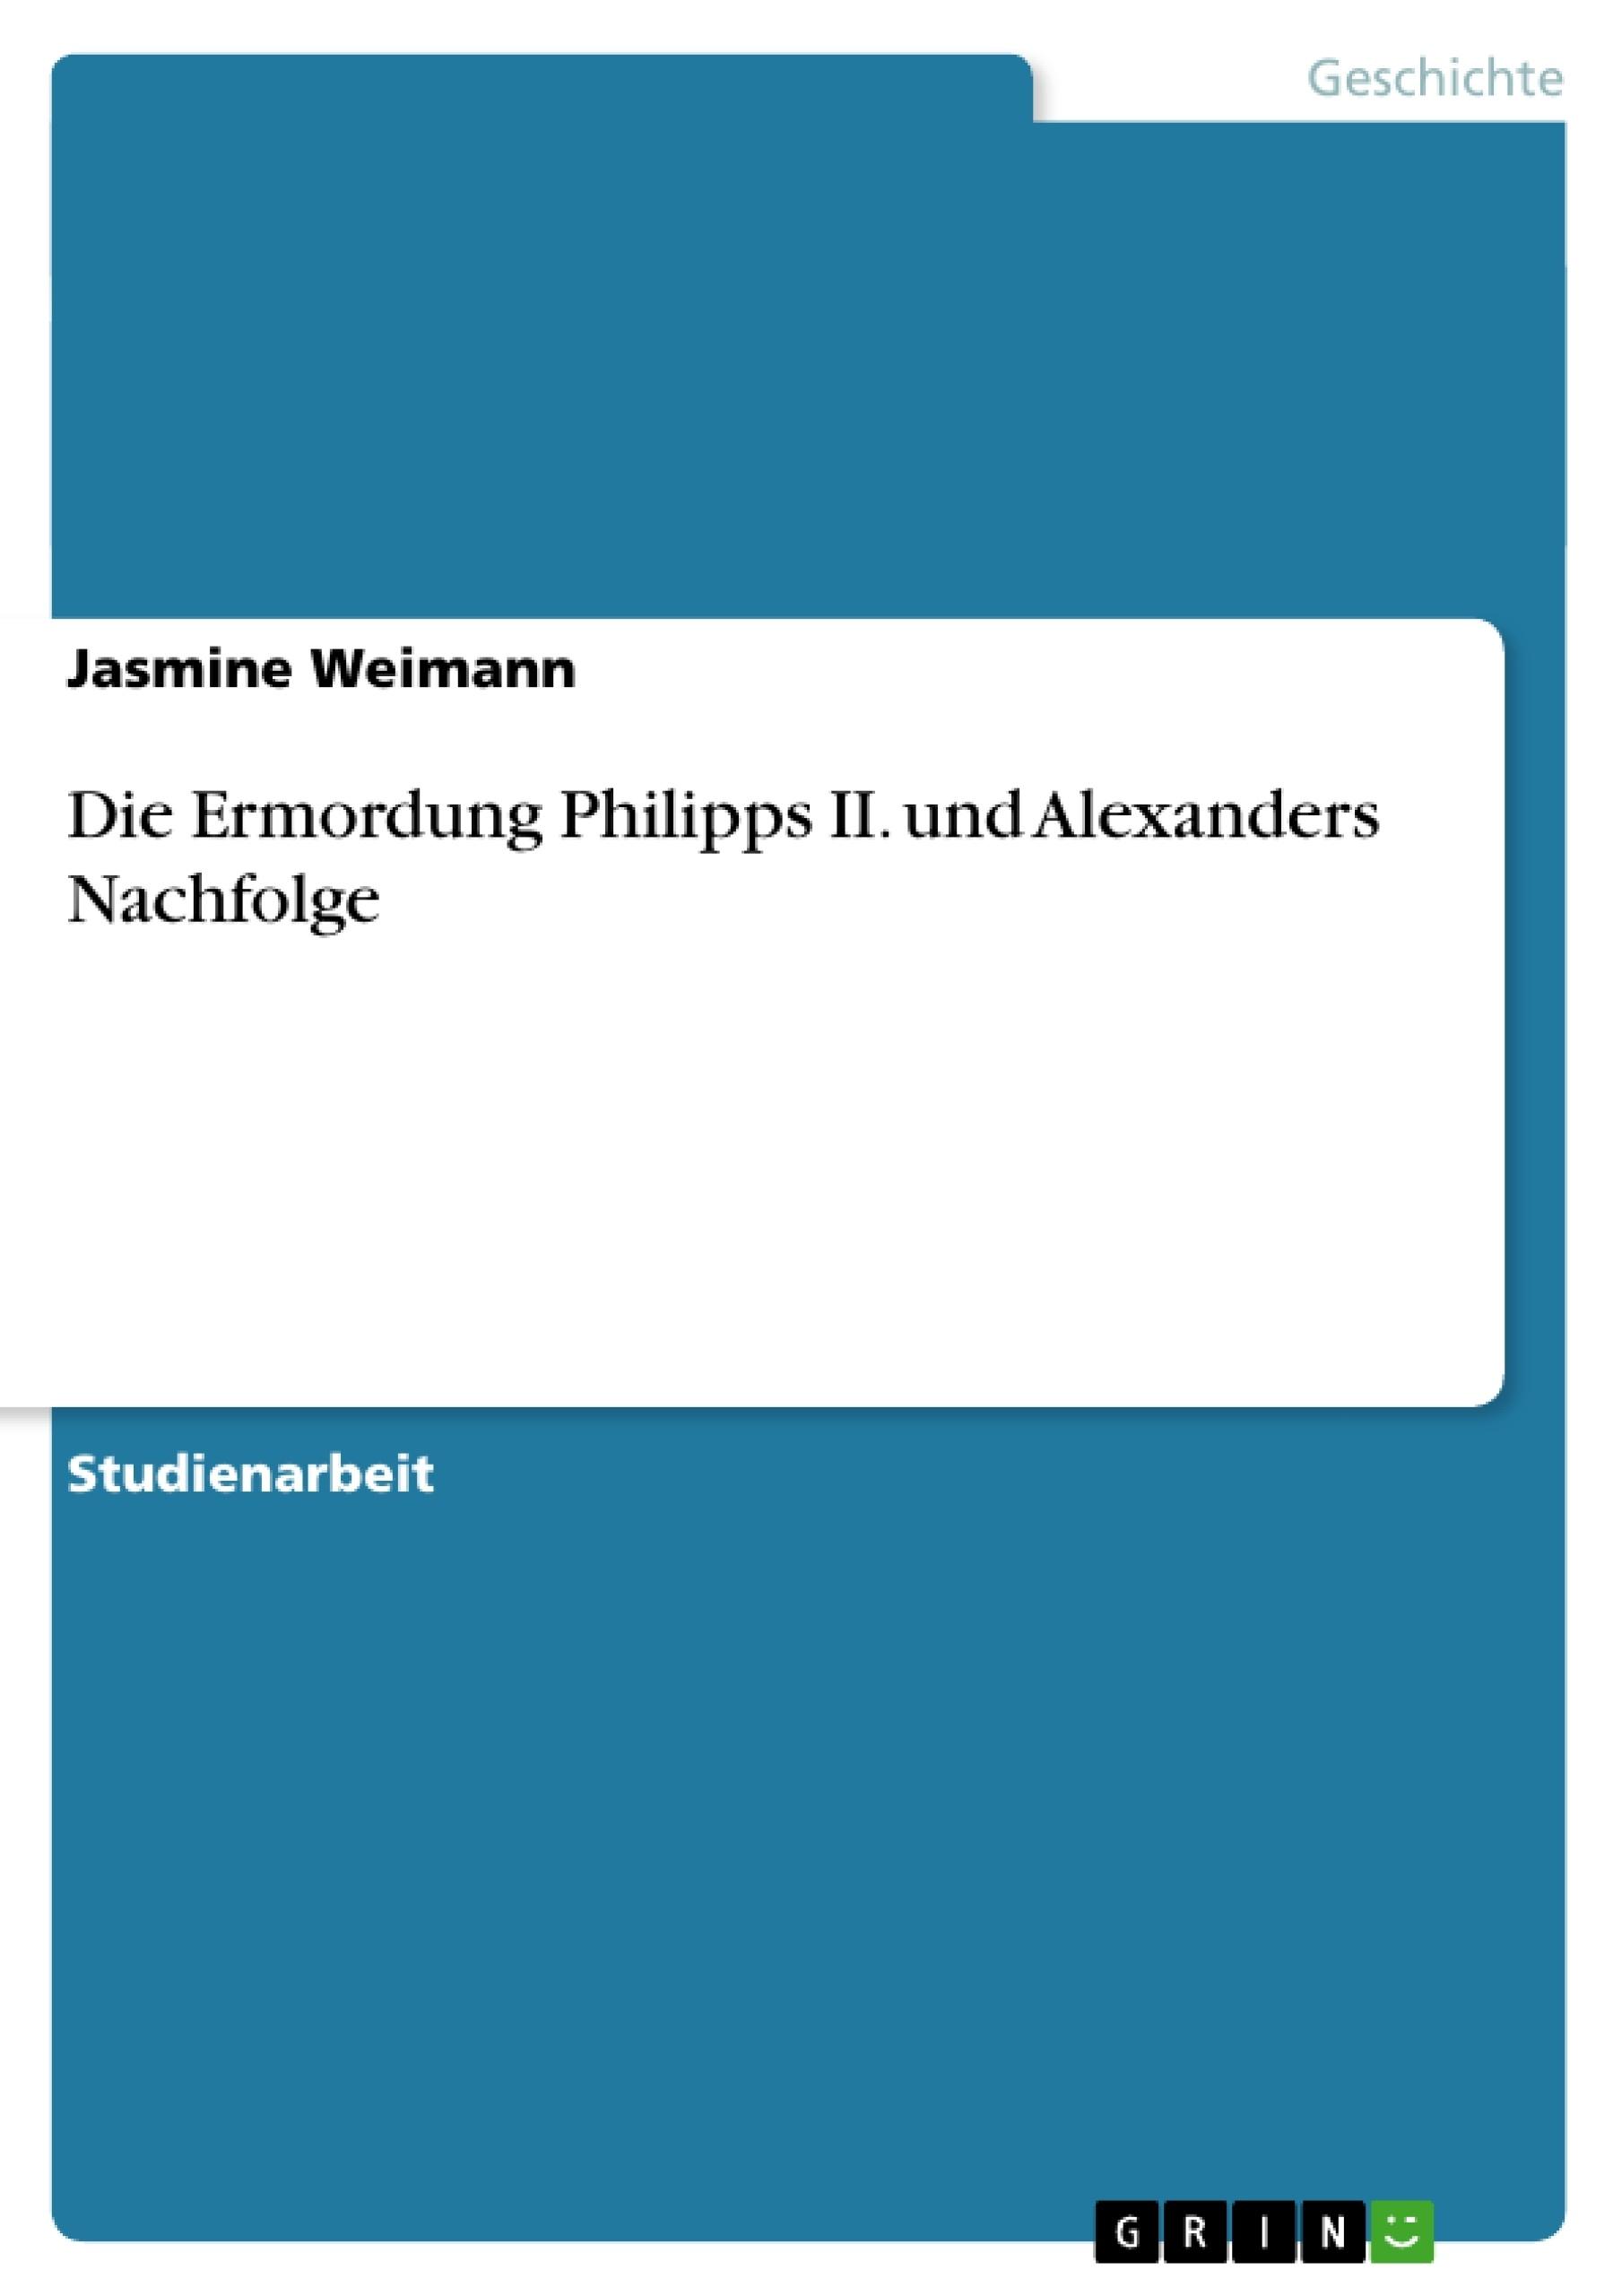 Titel: Die Ermordung Philipps II. und Alexanders Nachfolge